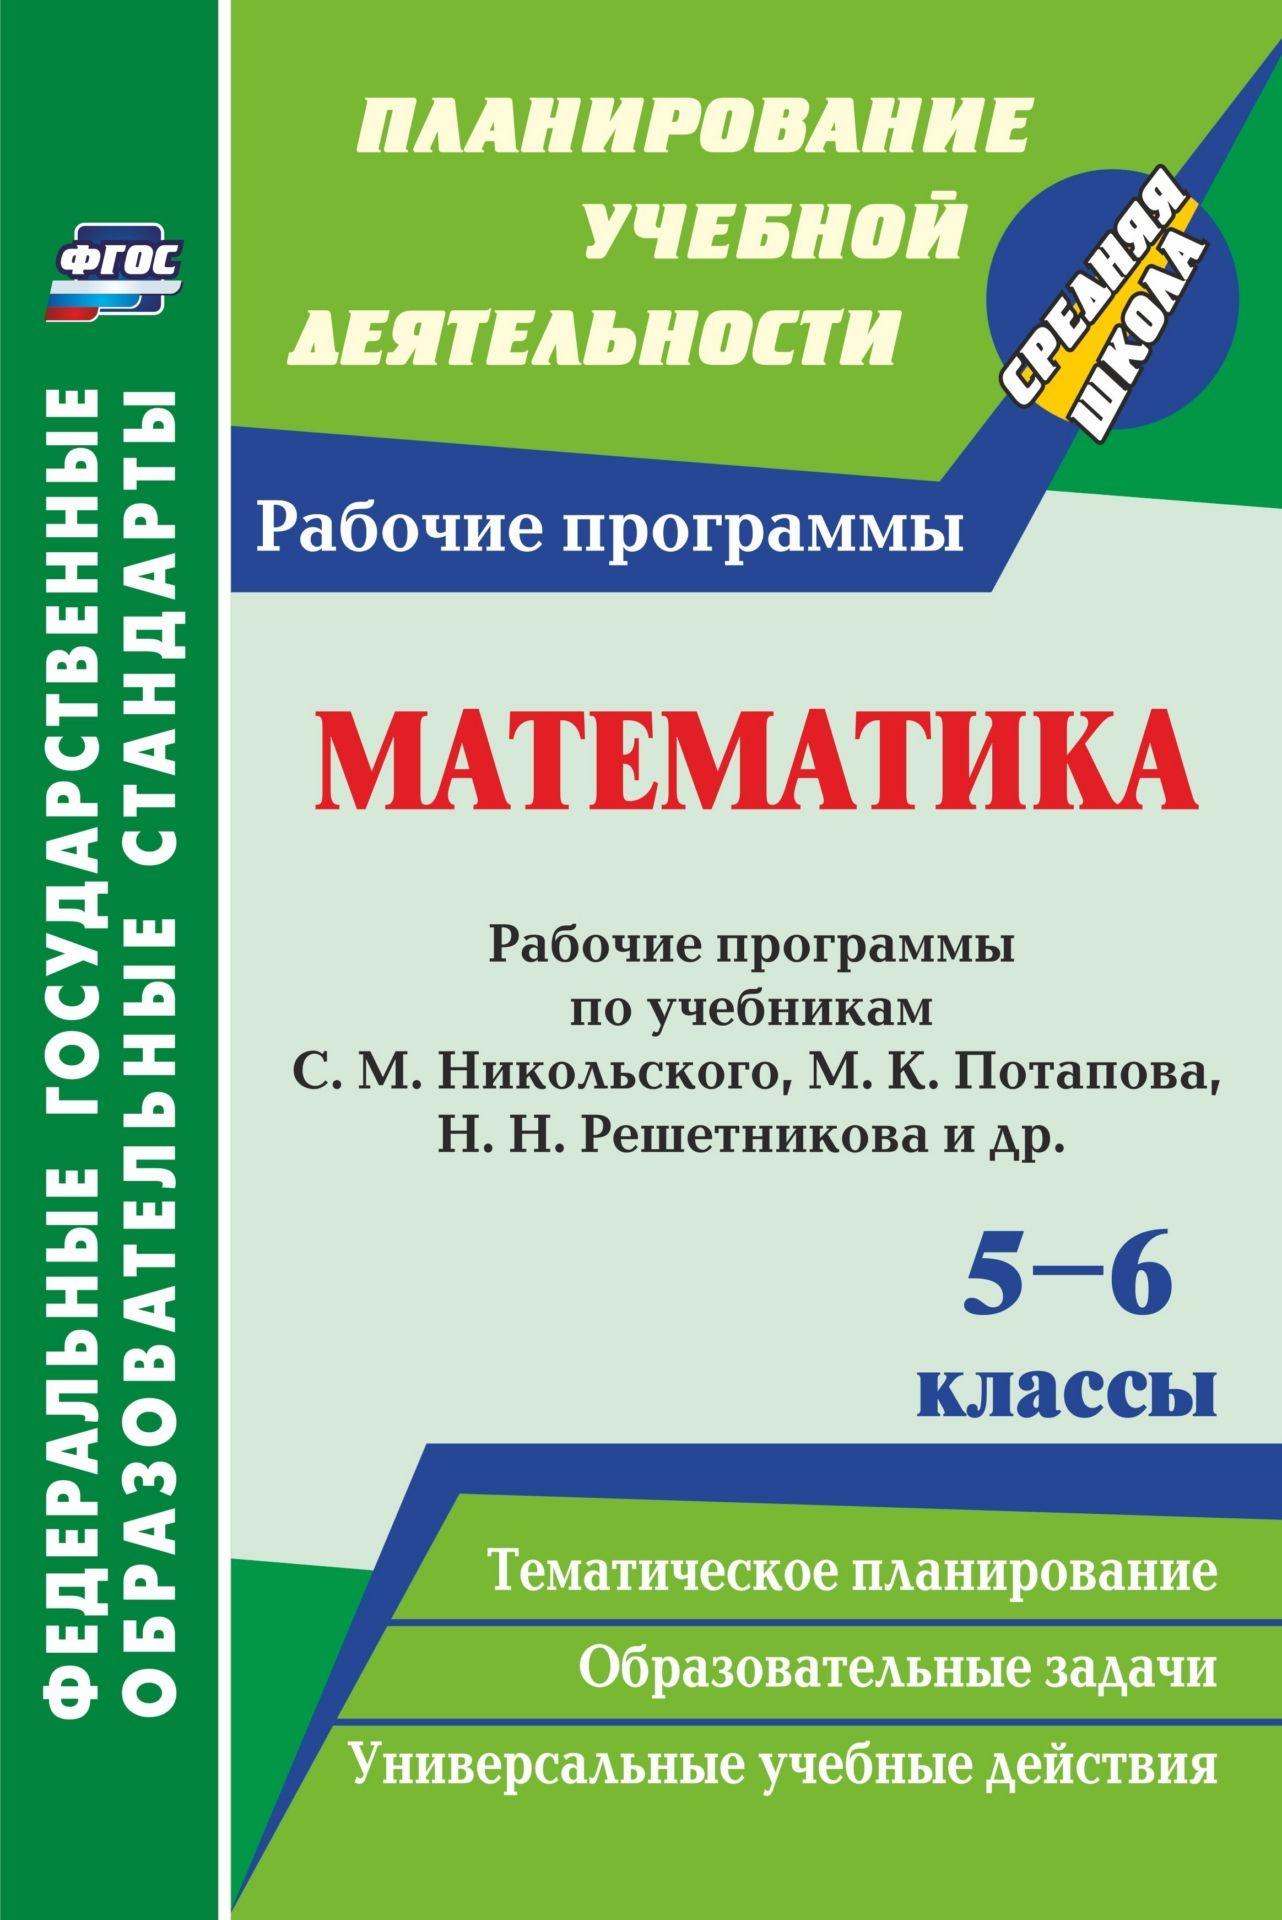 Купить со скидкой Математика. 5-6 классы: рабочие программы по учебникам С. М. Никольского, М. К. Потапова, Н. Н. Реше